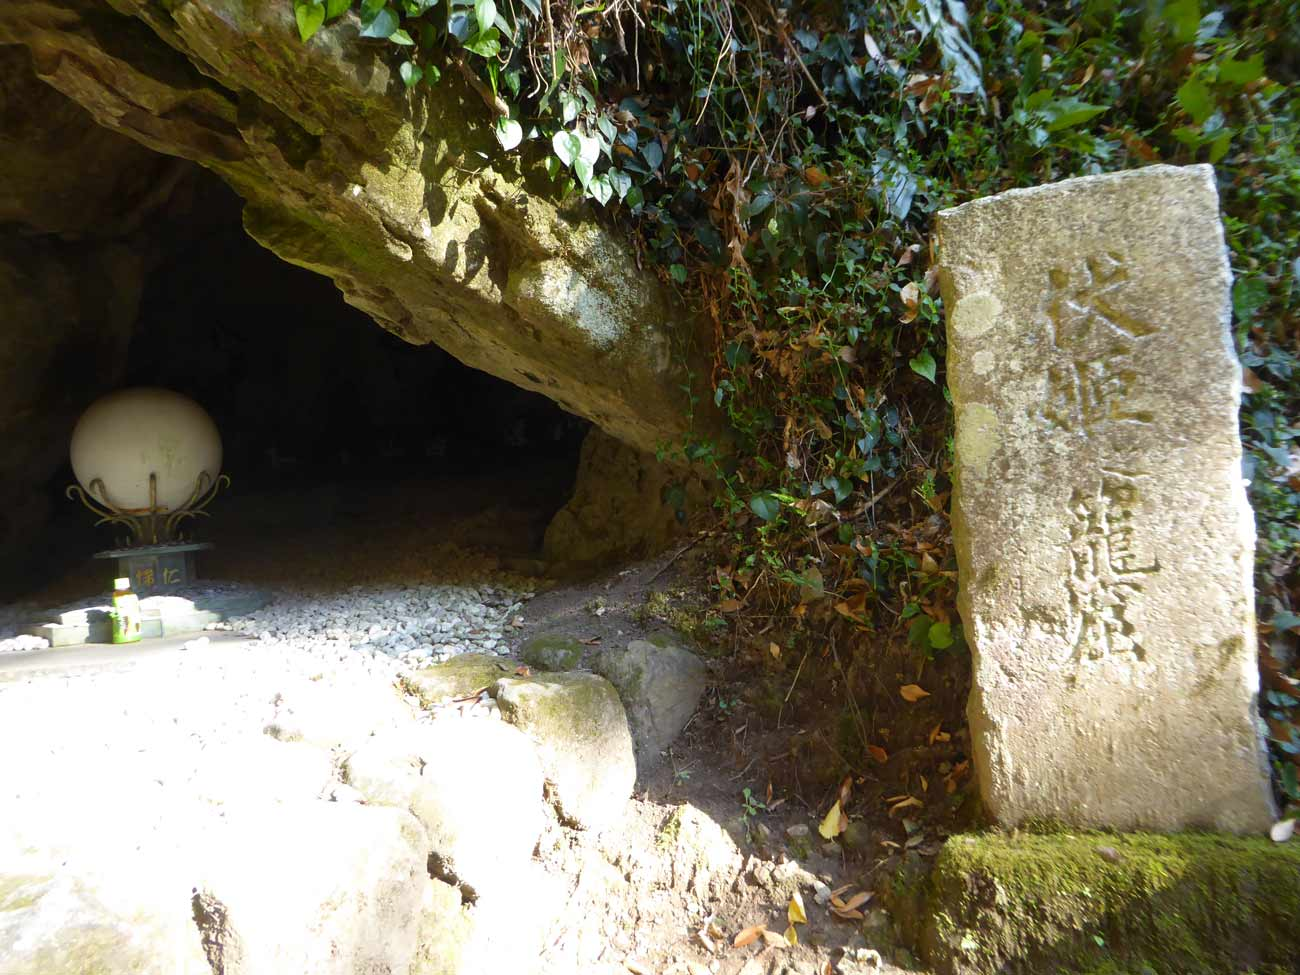 伏姫籠穴の内部の画像